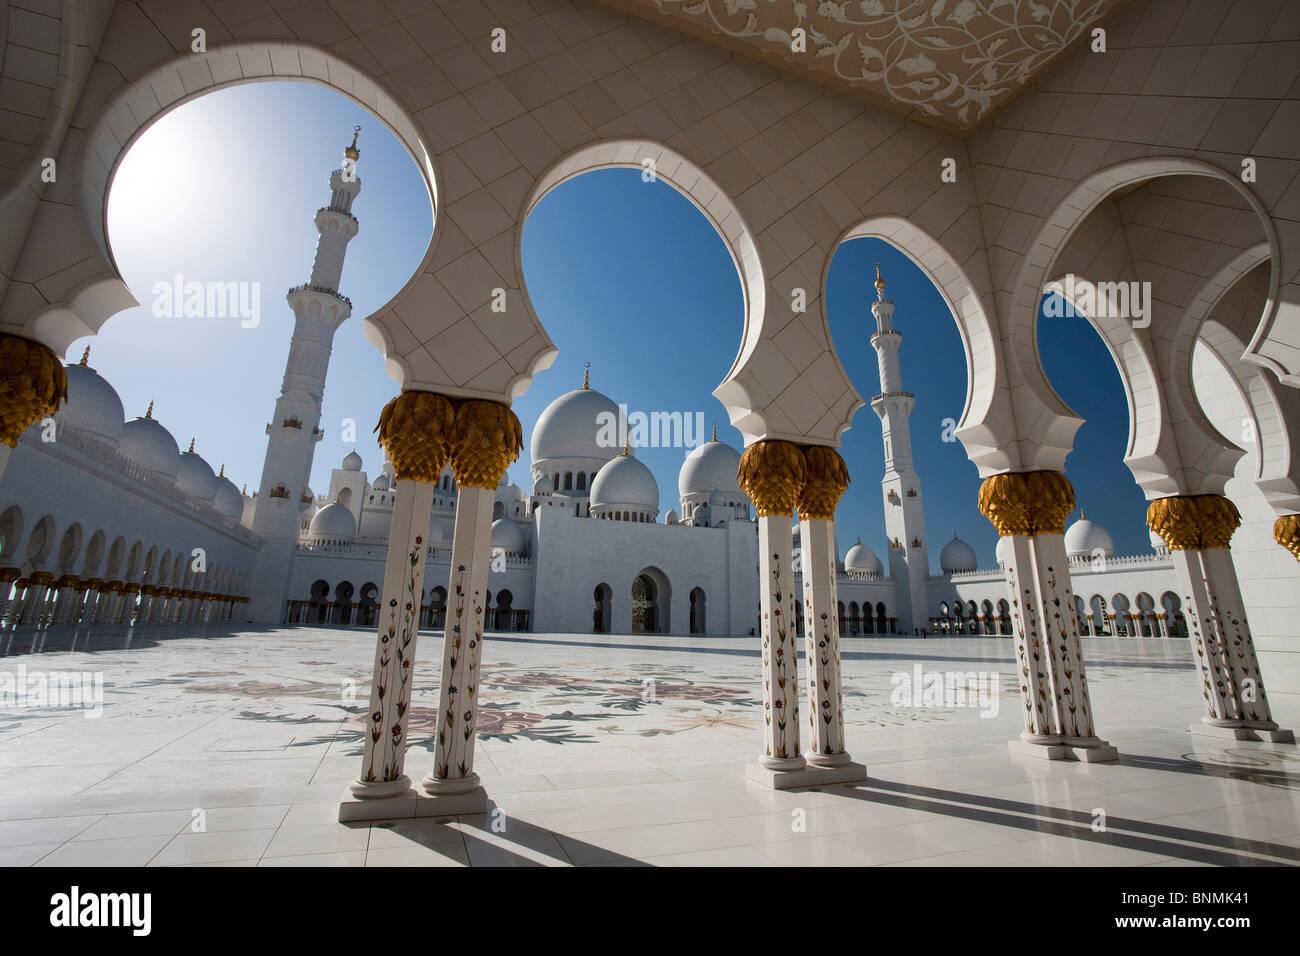 Moschea Sheikh Zayed cupole torre minareto rook islam moschea religione colonne Abu Dhabi Emirati Arabi Uniti Emirati Immagini Stock